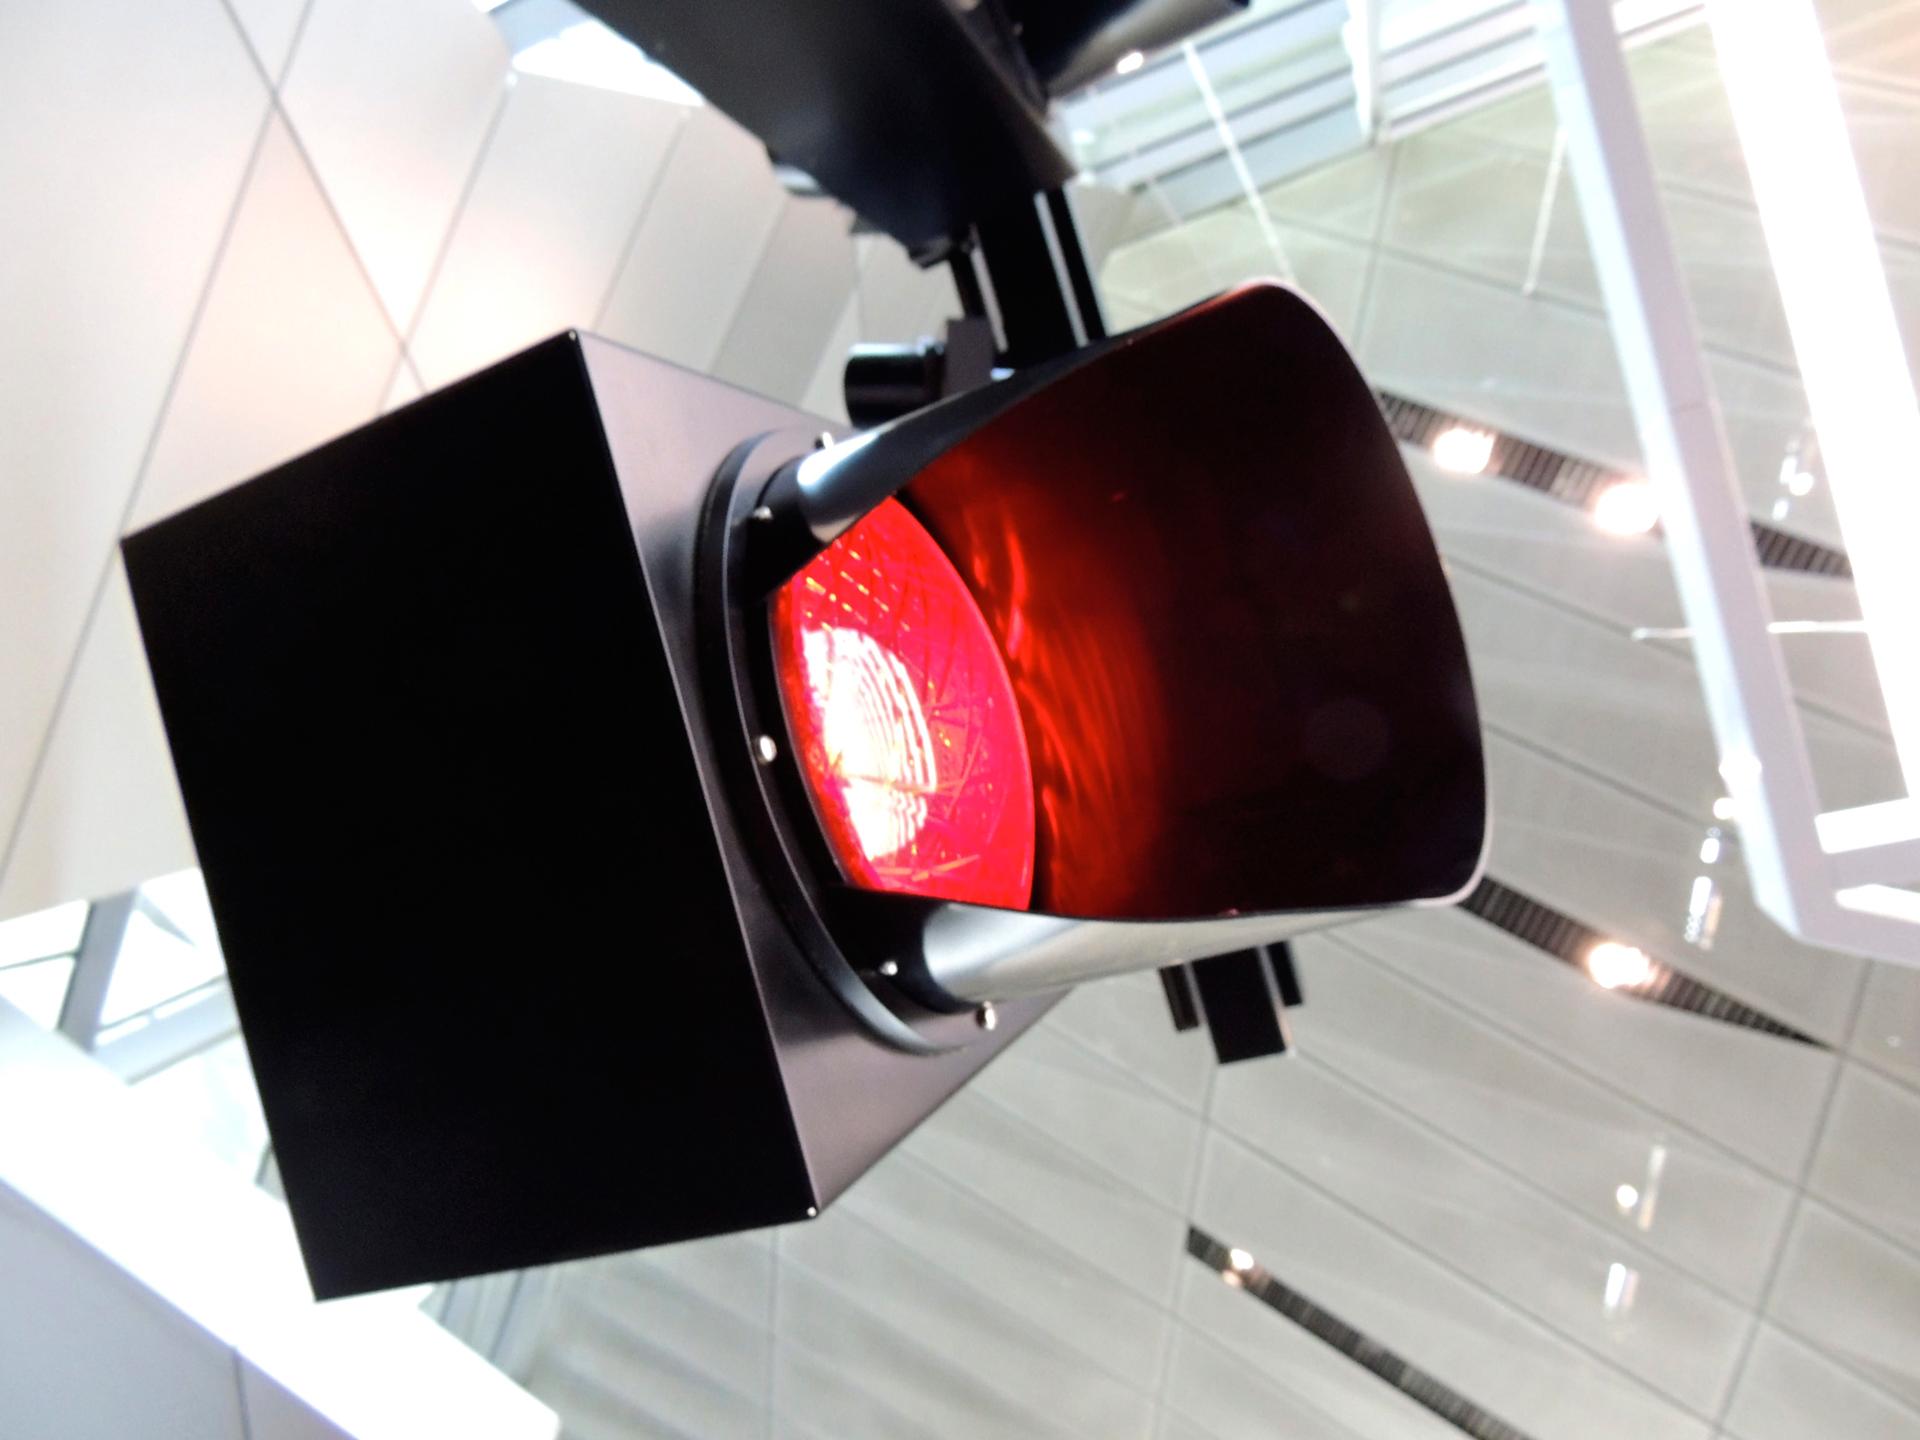 El-primer-semaforo-electrico-cumple-101-años-1920